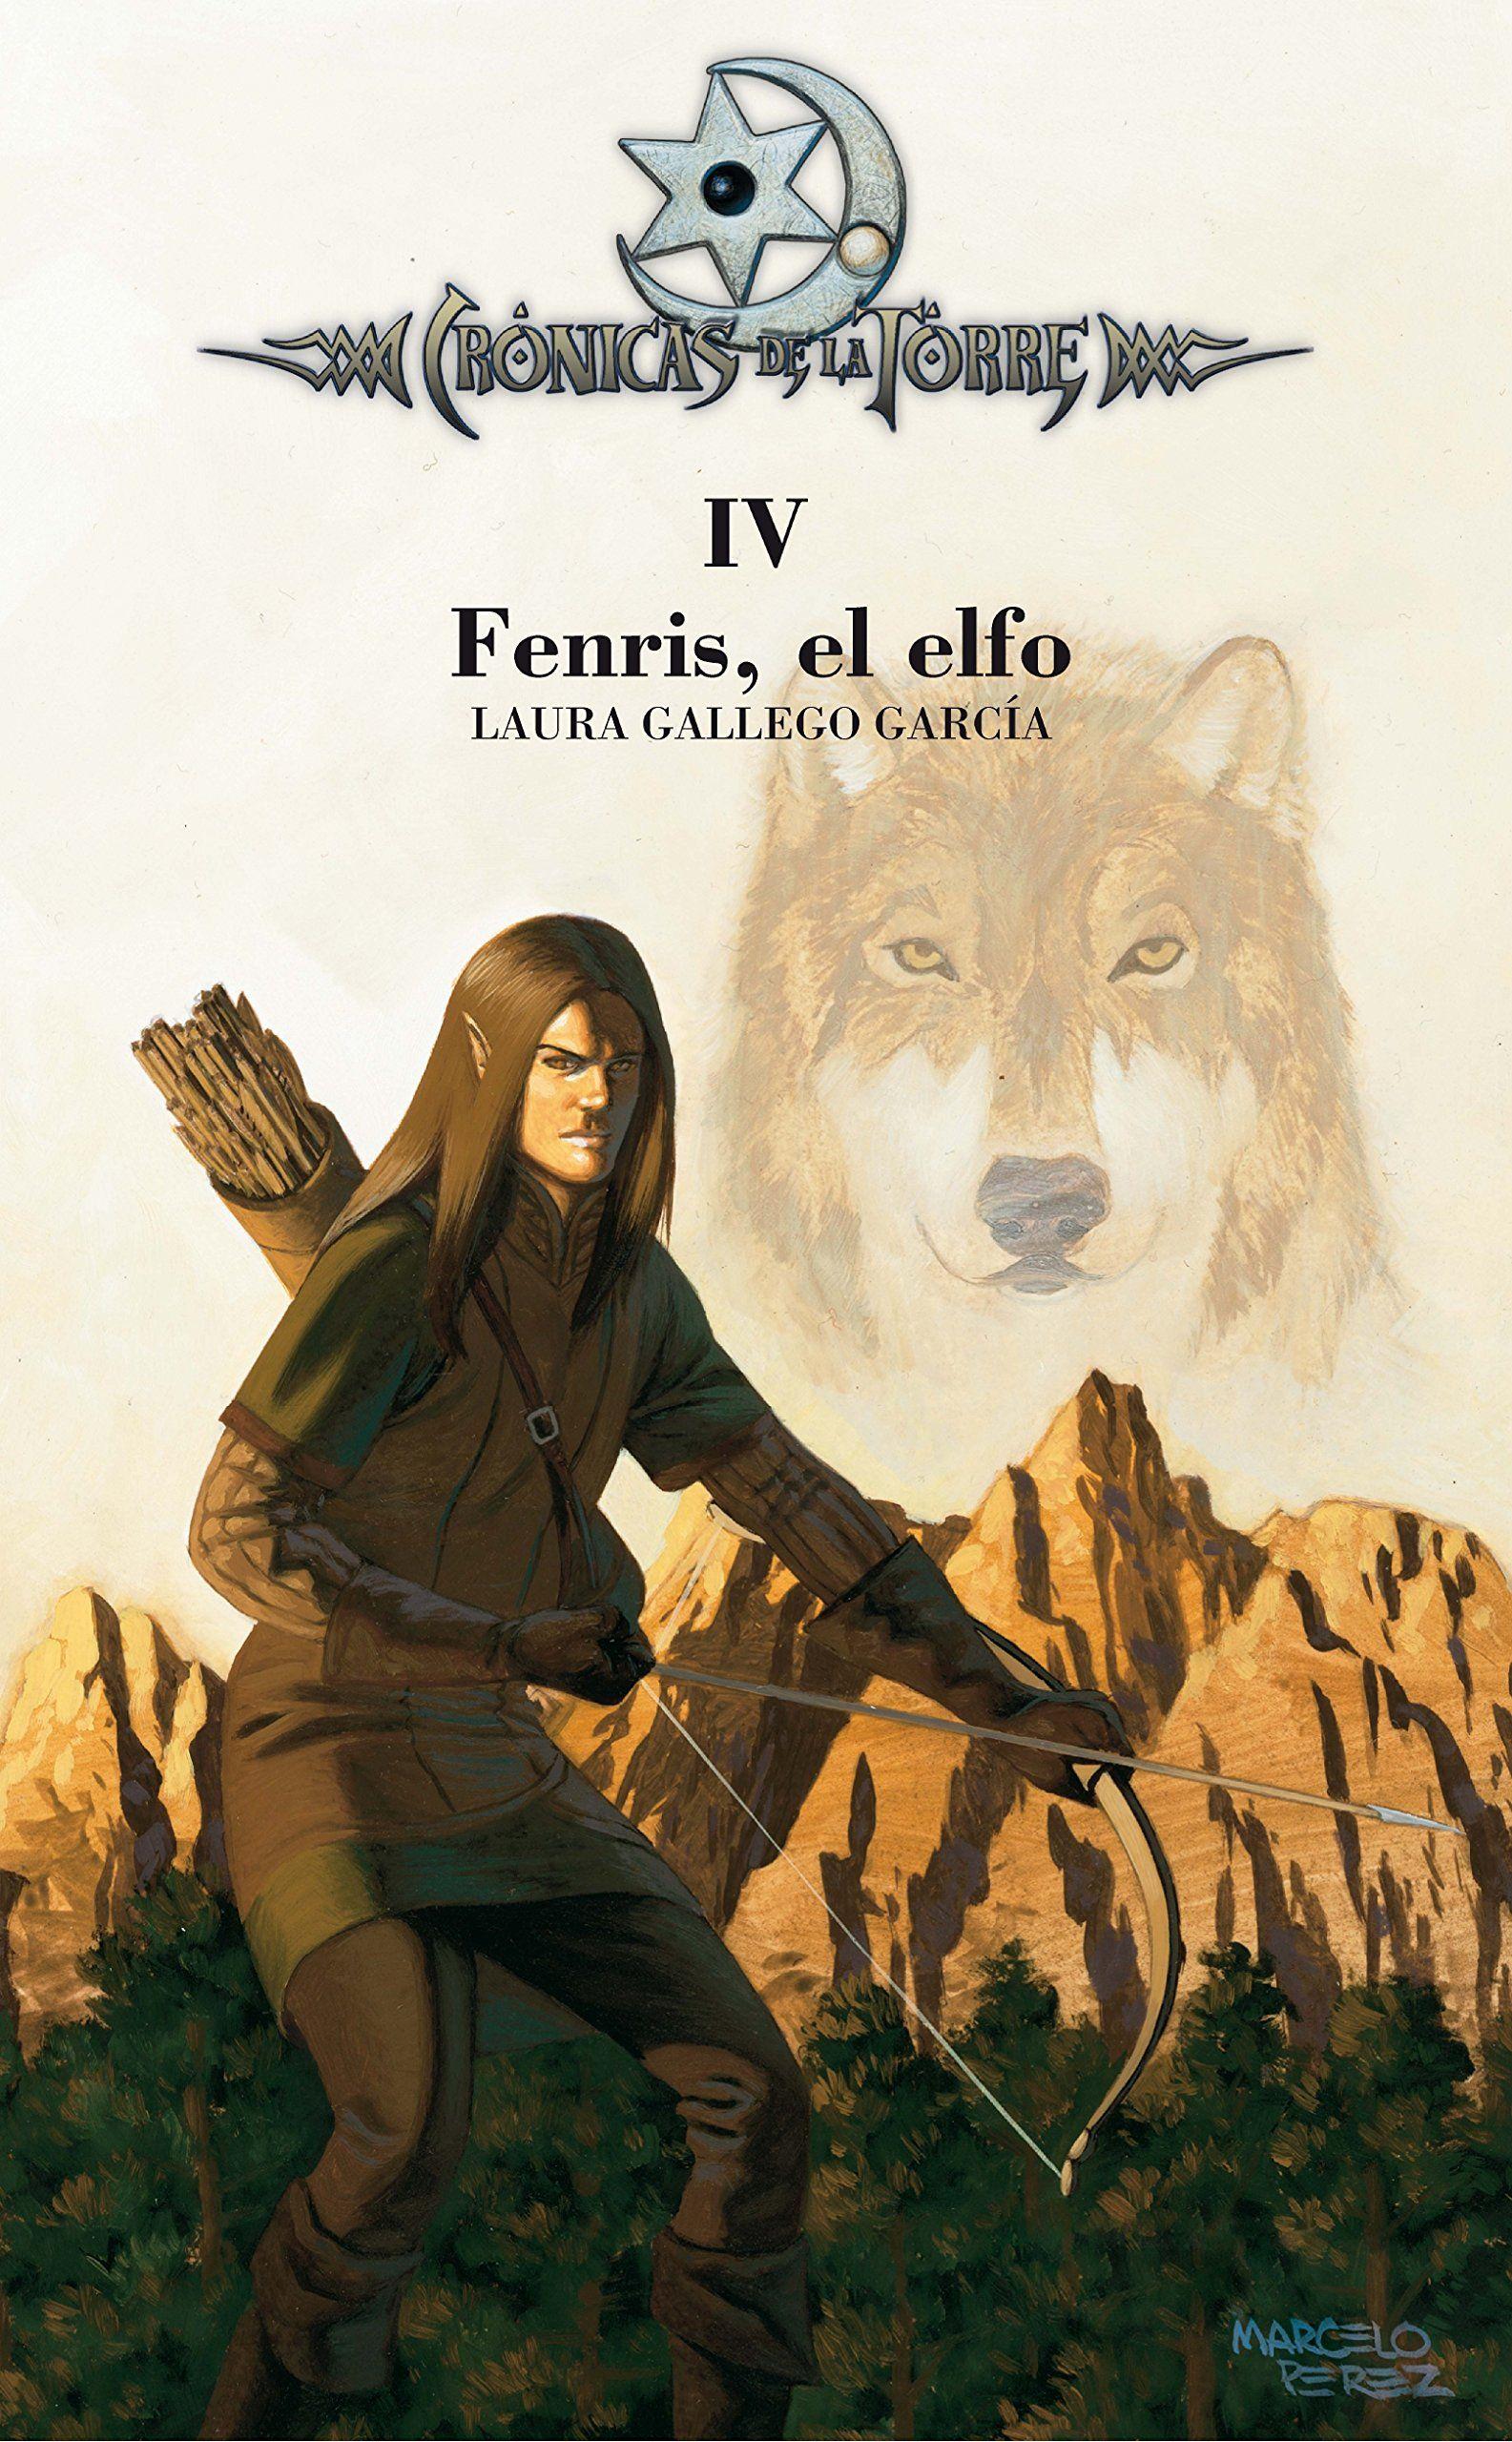 Descargar Libro Gratis Pdf Finis Mundi Laura Gallego Cr Nicas De La Torre Iv Fenris El Elfo De La Cr Nicas